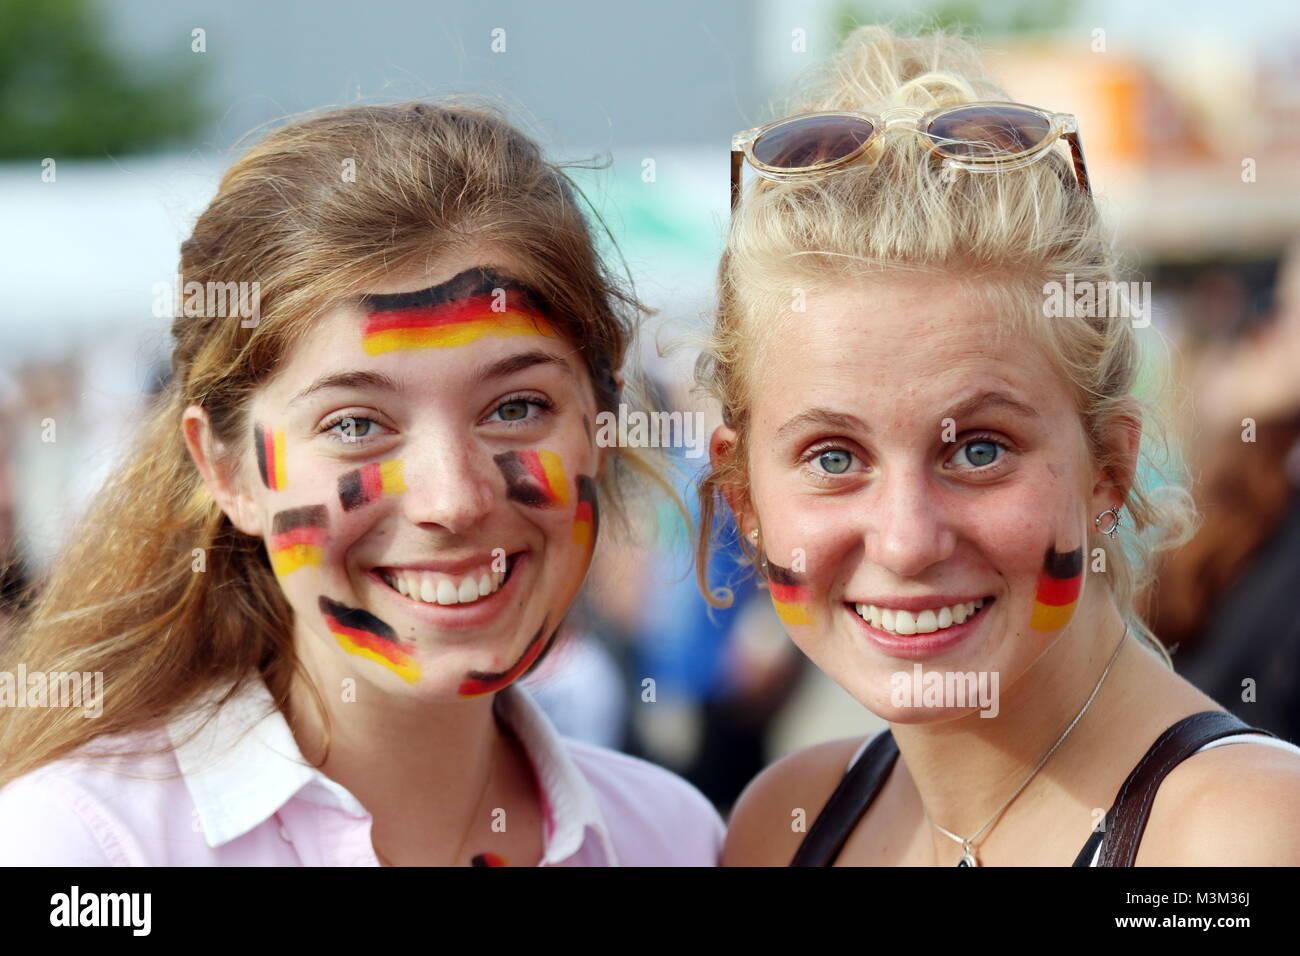 fussball em deutschland spiel